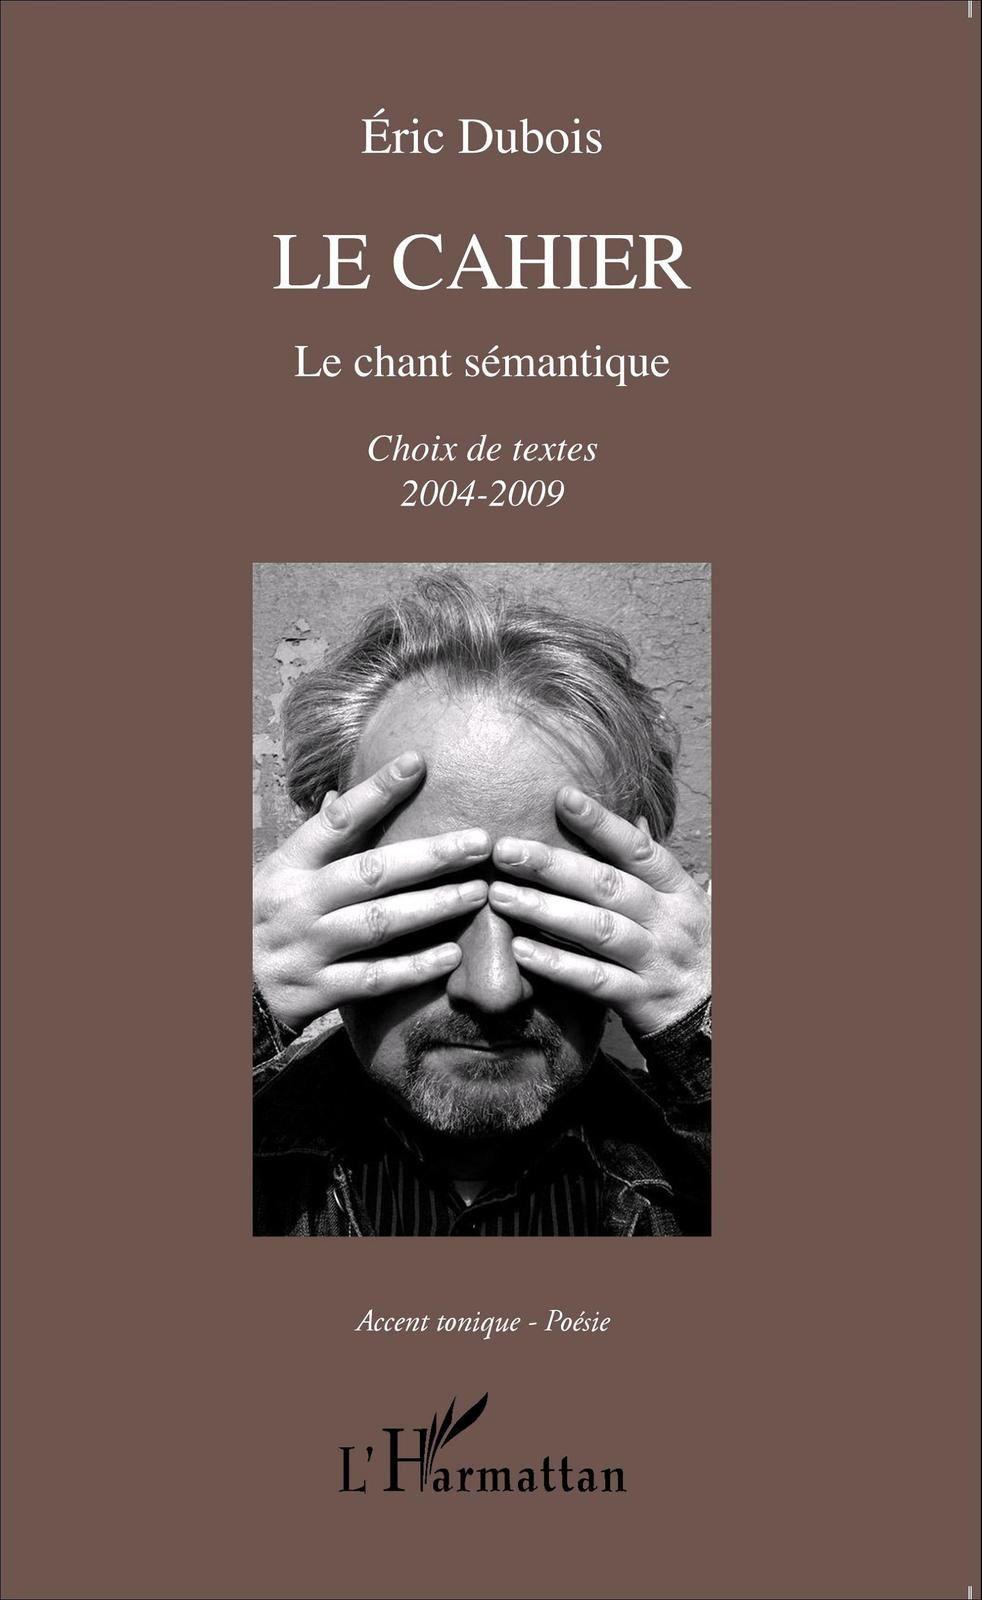 Le Cahier. Le chant sémantique. Choix de textes 2004-2009. Eric Dubois. Editions L'Harmattan, 2015.- DR